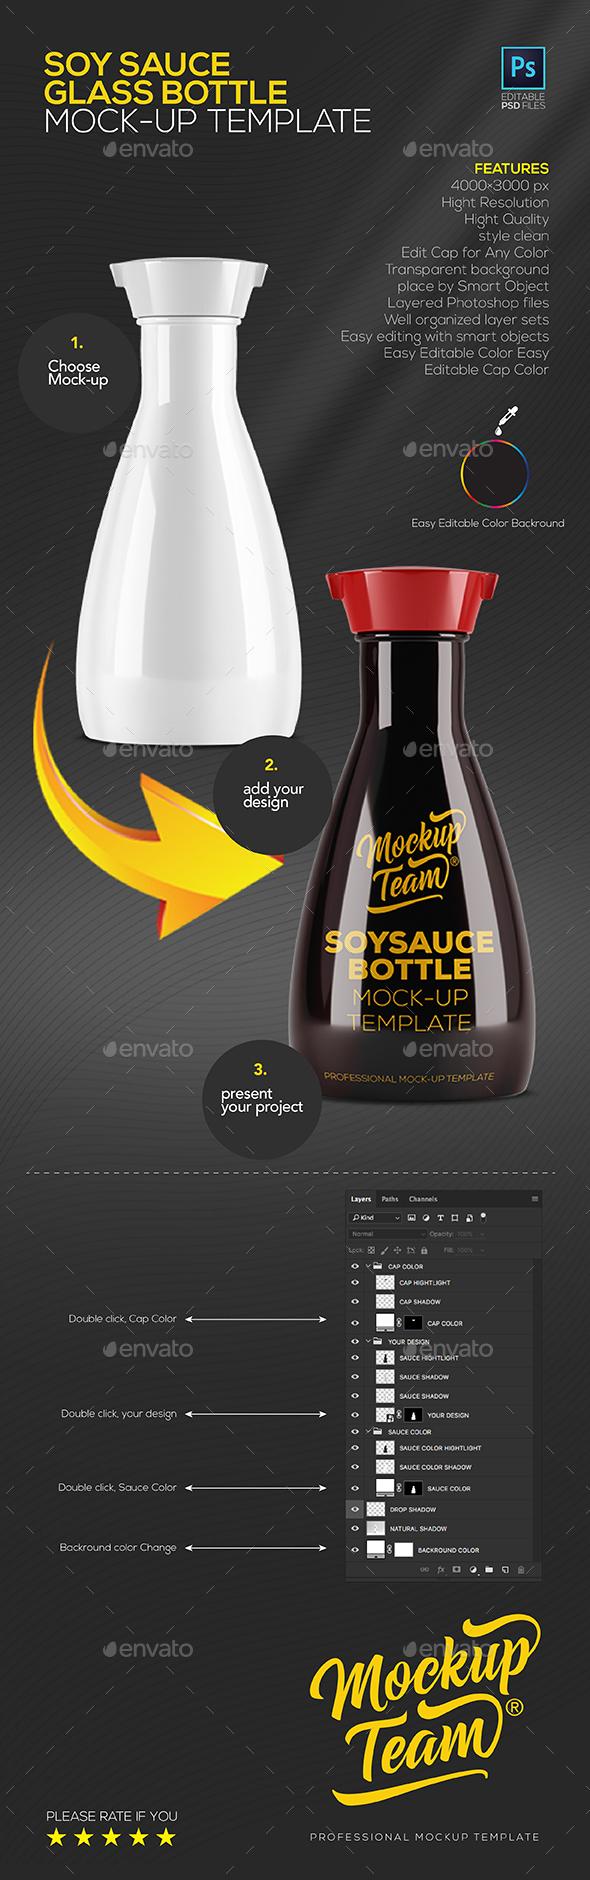 Soy Sauce Glass Bottle Mockup